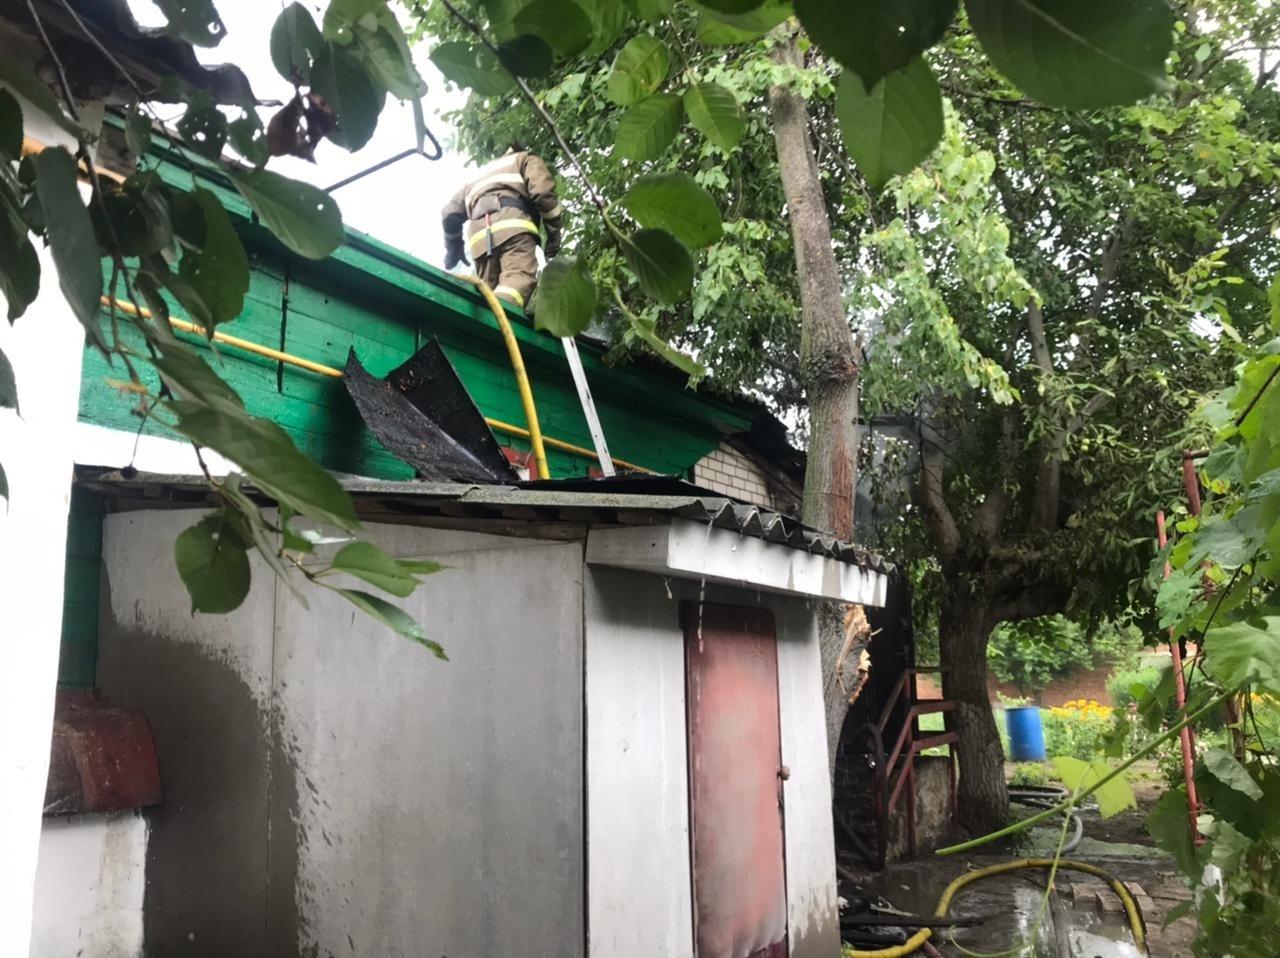 Пожар на улице Урицкого в г. Рыльск Курской области ликвидирован